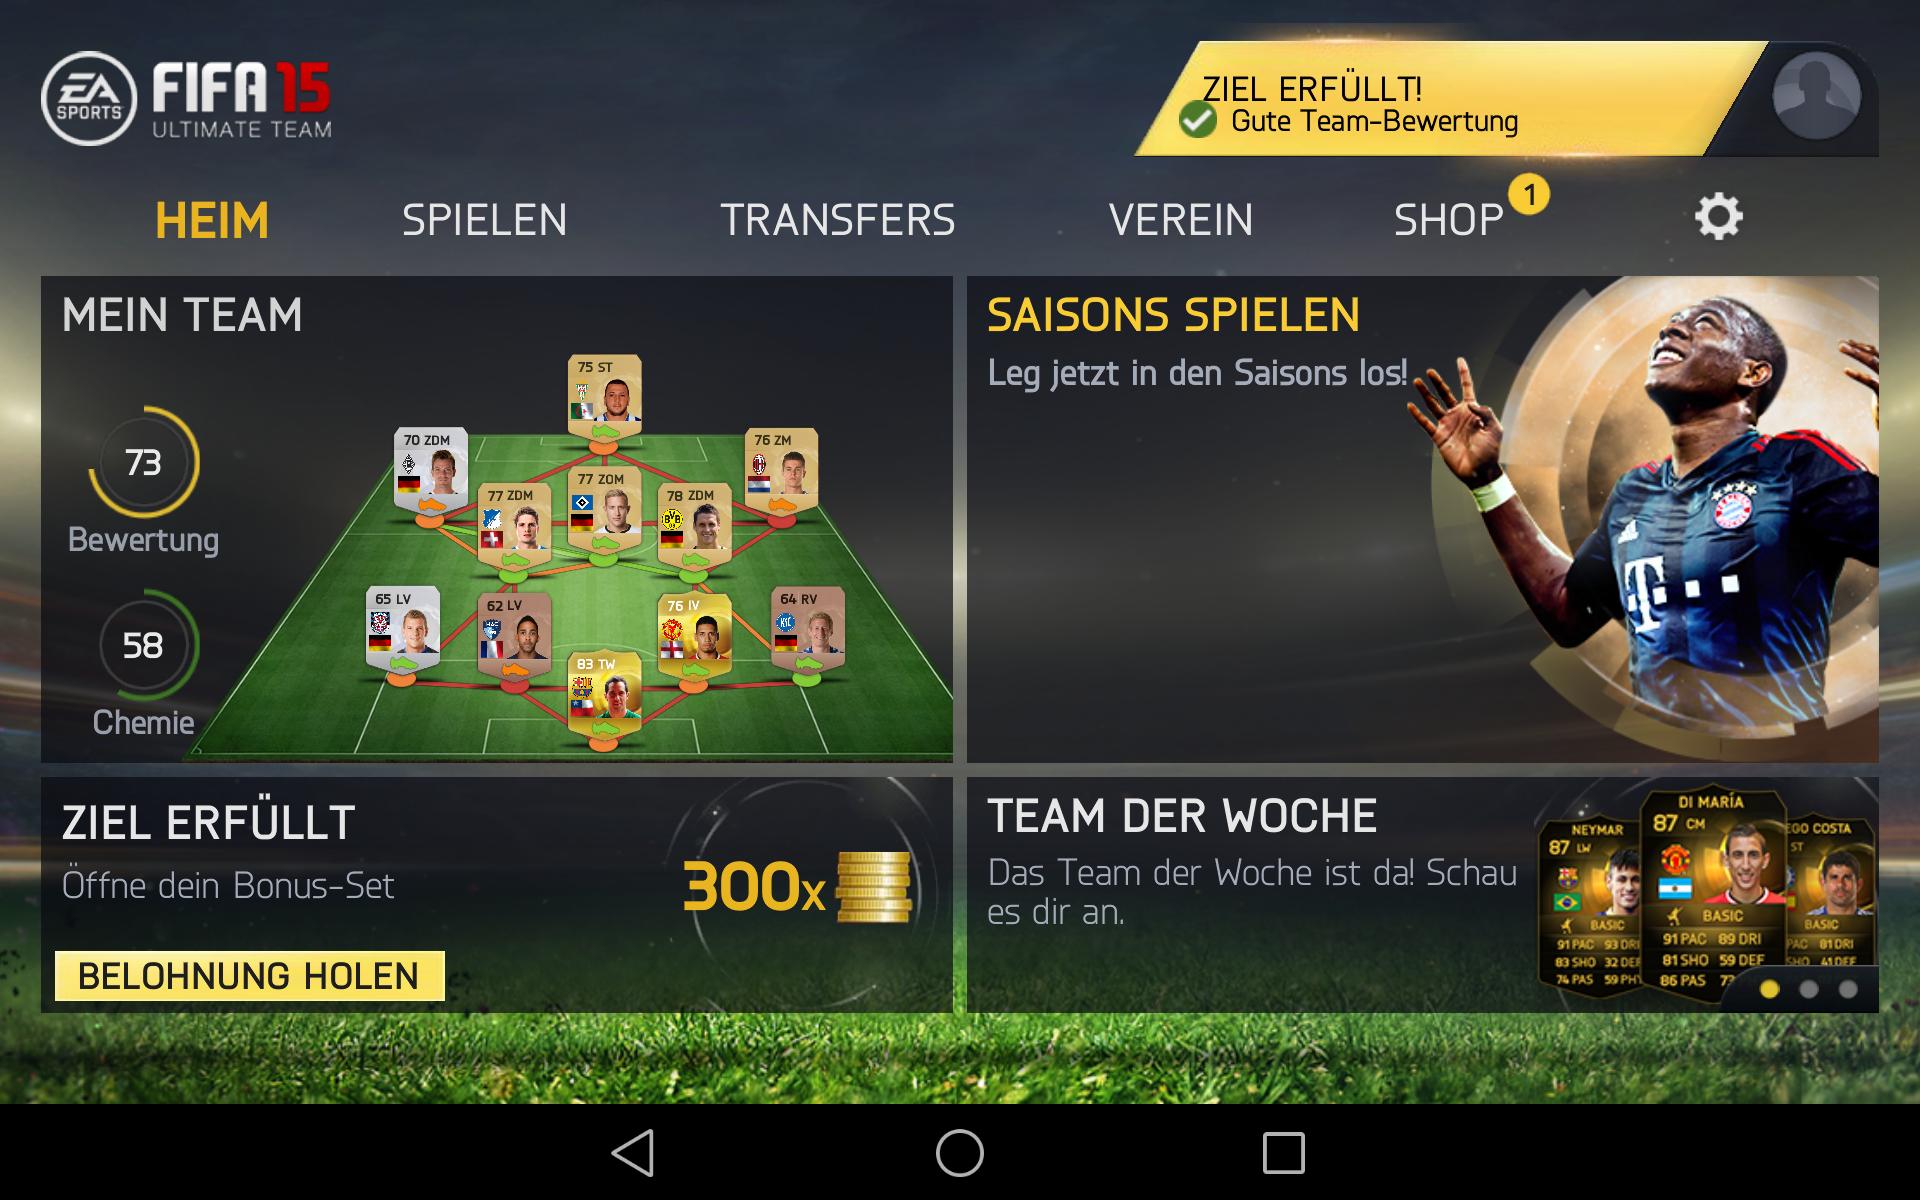 Fifa 15 Ultimate Team Fußballsimulation Für Android Erschienen Giga